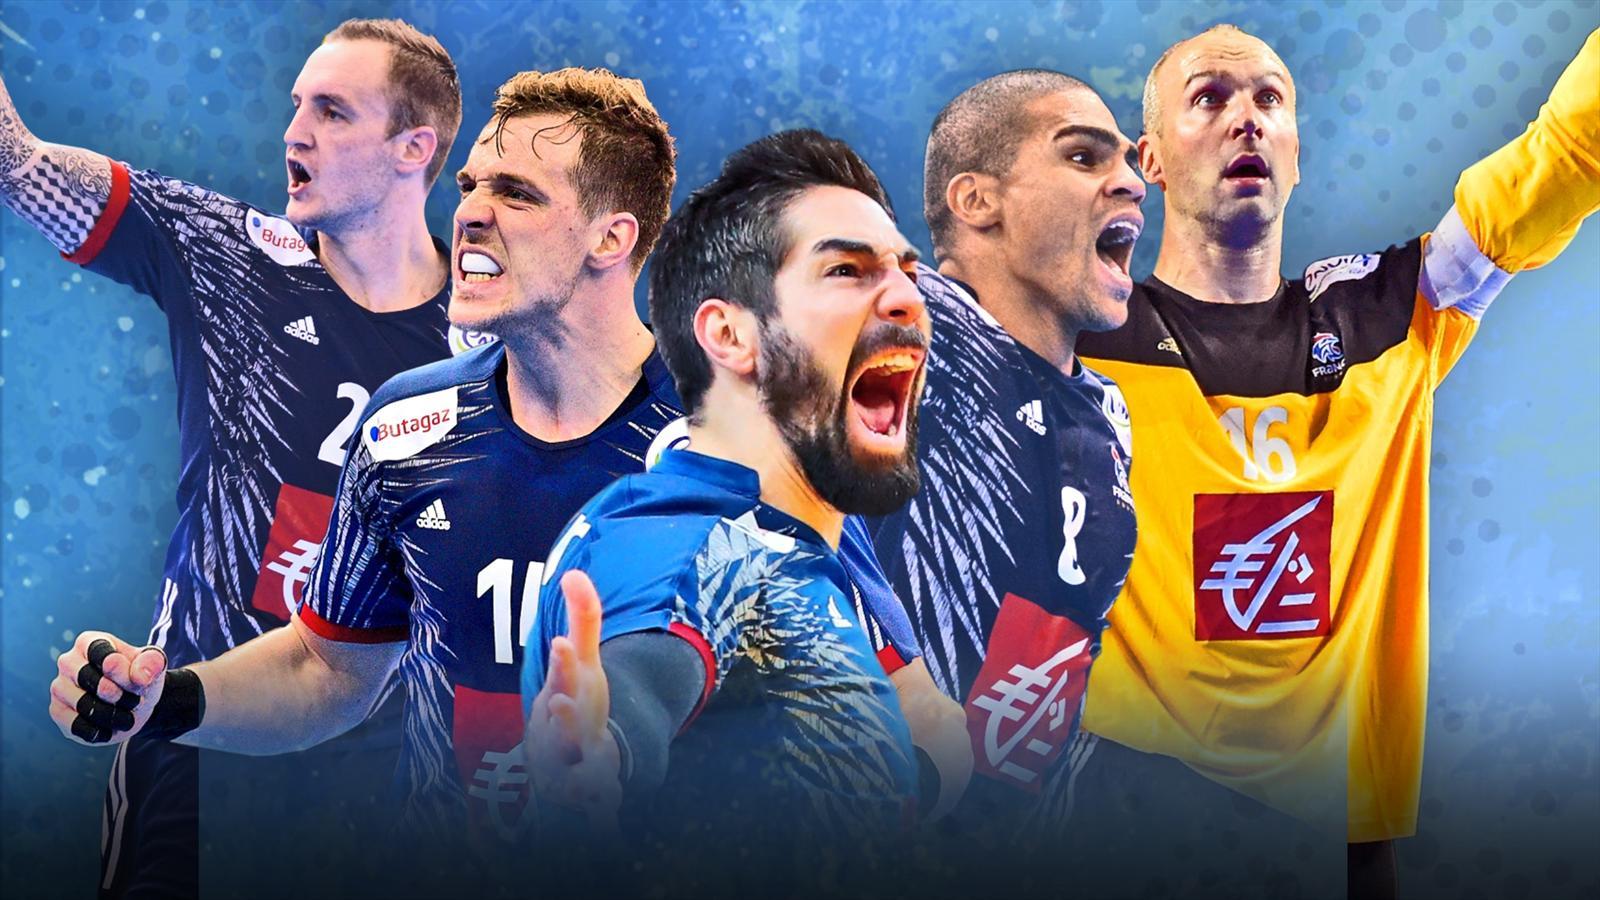 Handball mondiaux 2017 6 toiles sur le maillot les bleus s isolent un peu plus au sommet - Hand ball coupe du monde ...